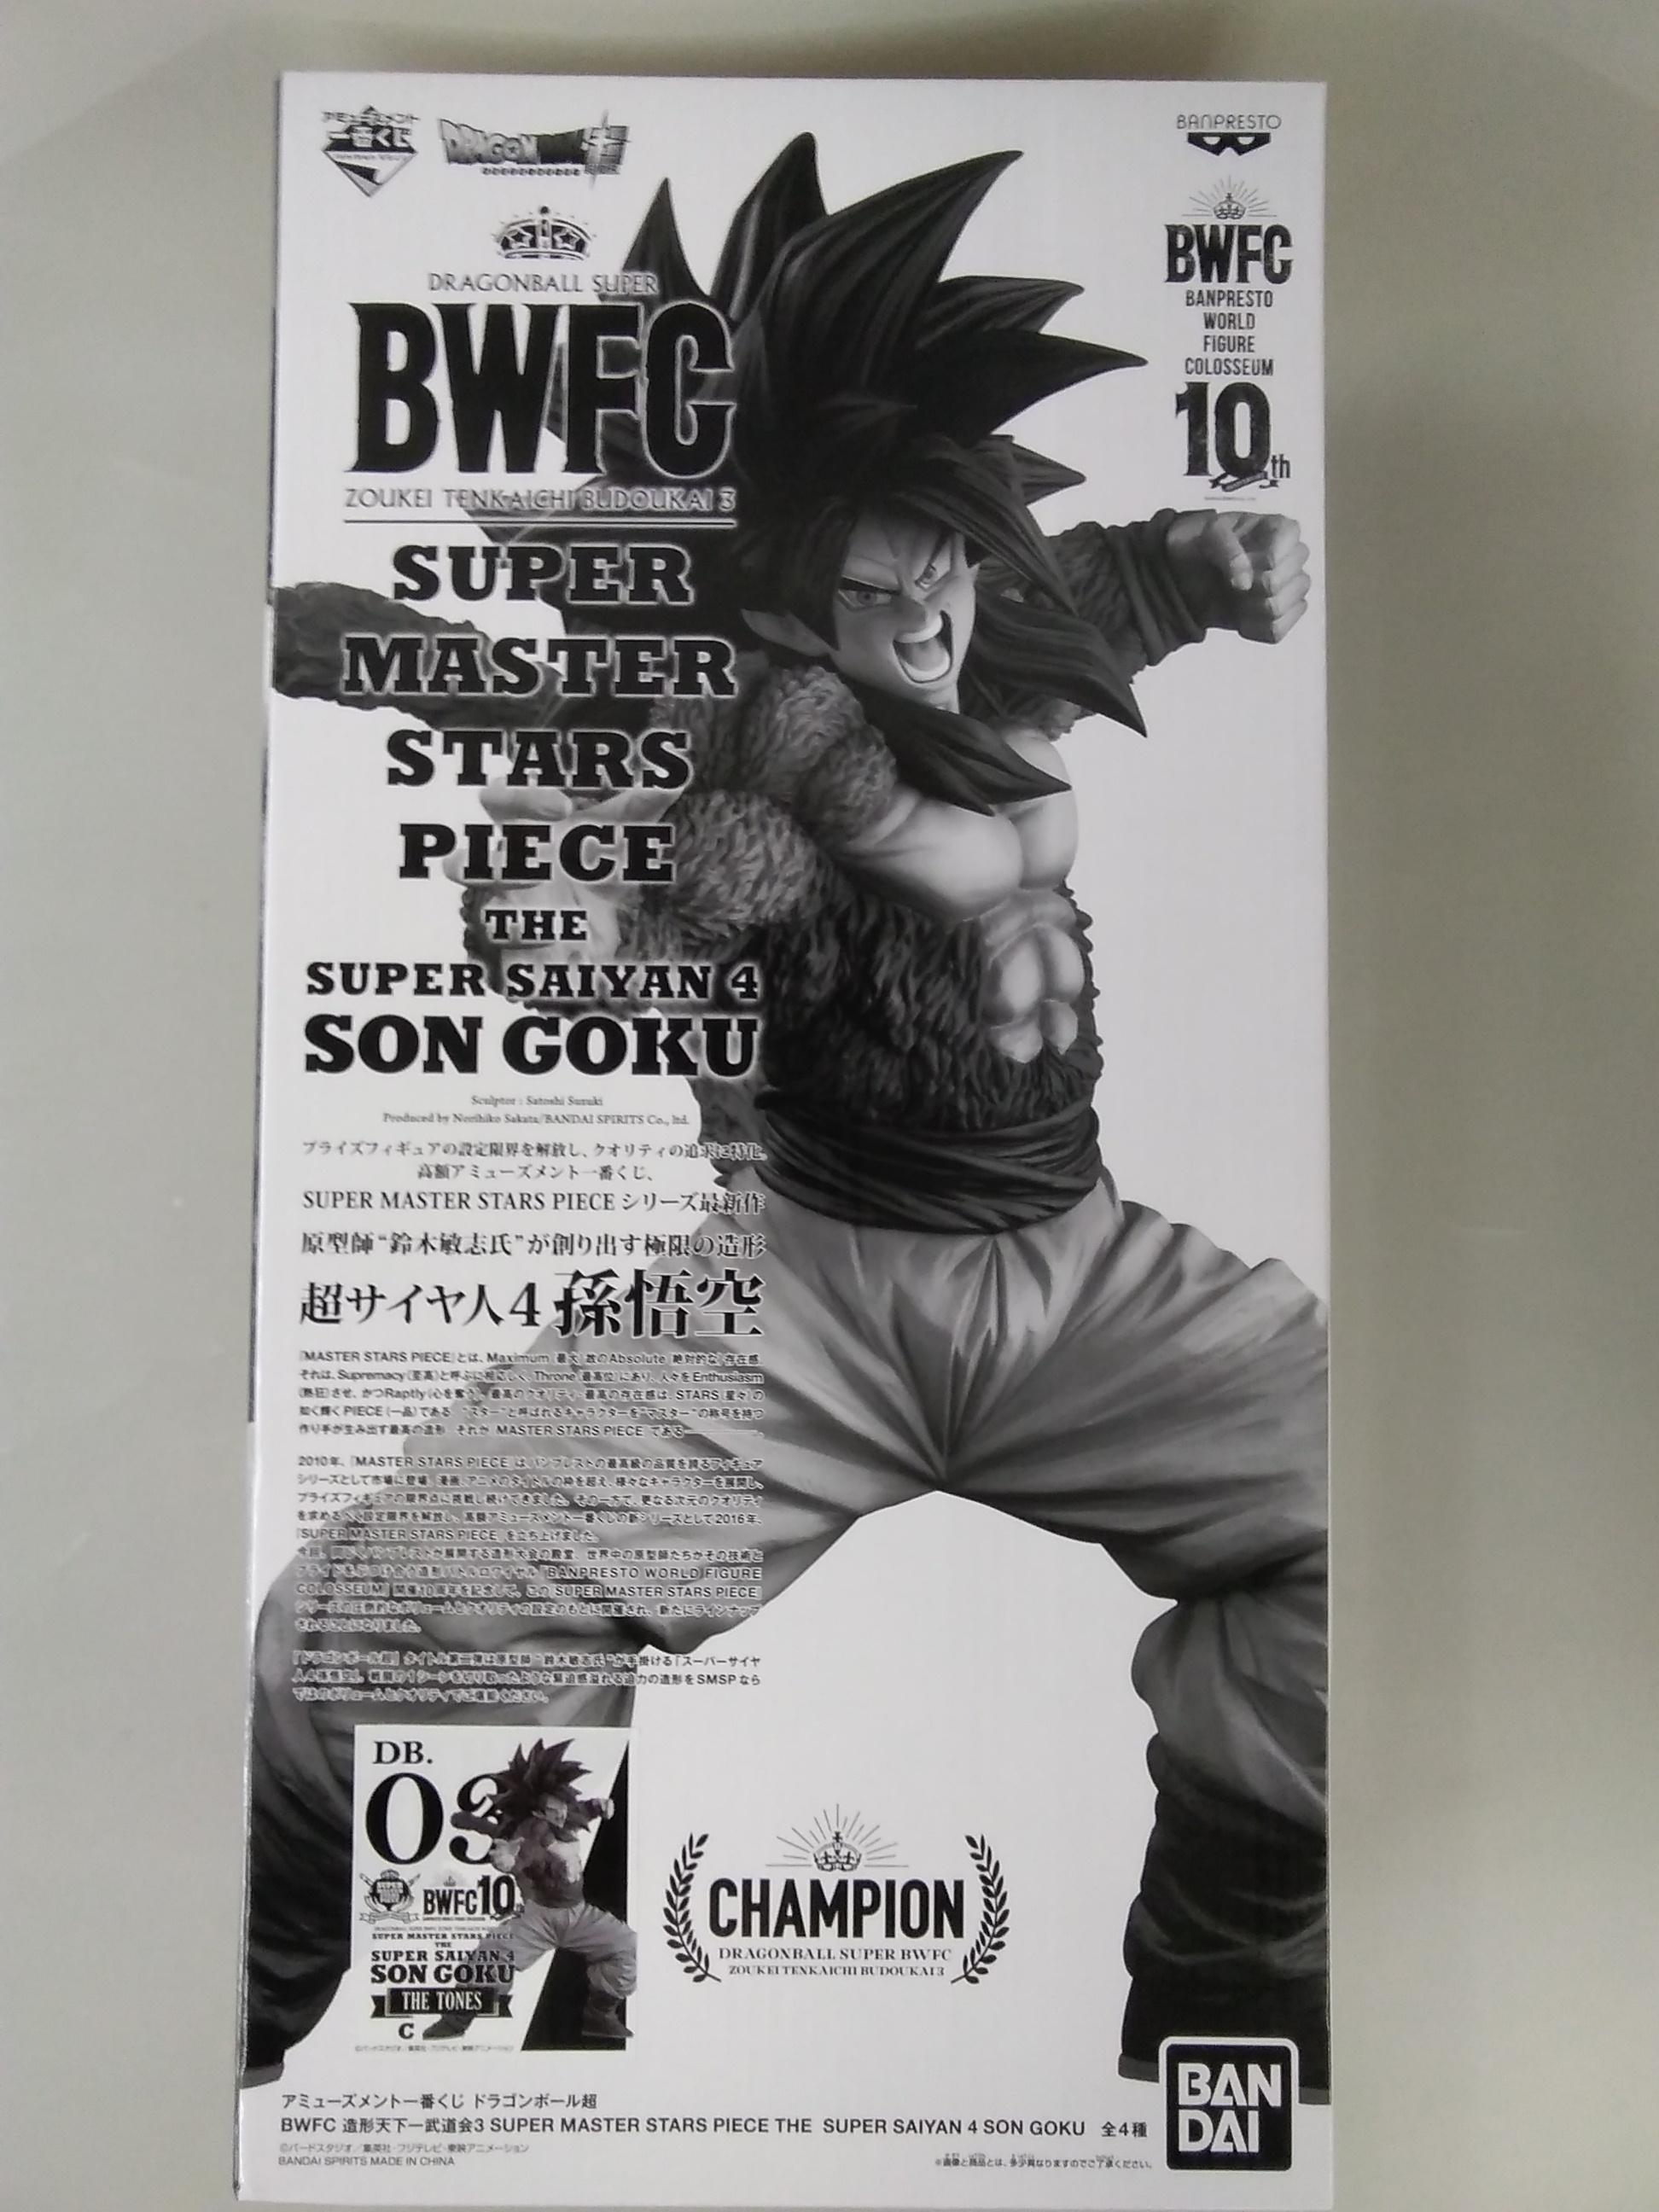 一番くじ BWFC ドラゴンボール 孫悟空 スーパーサイヤ人|バンダイ